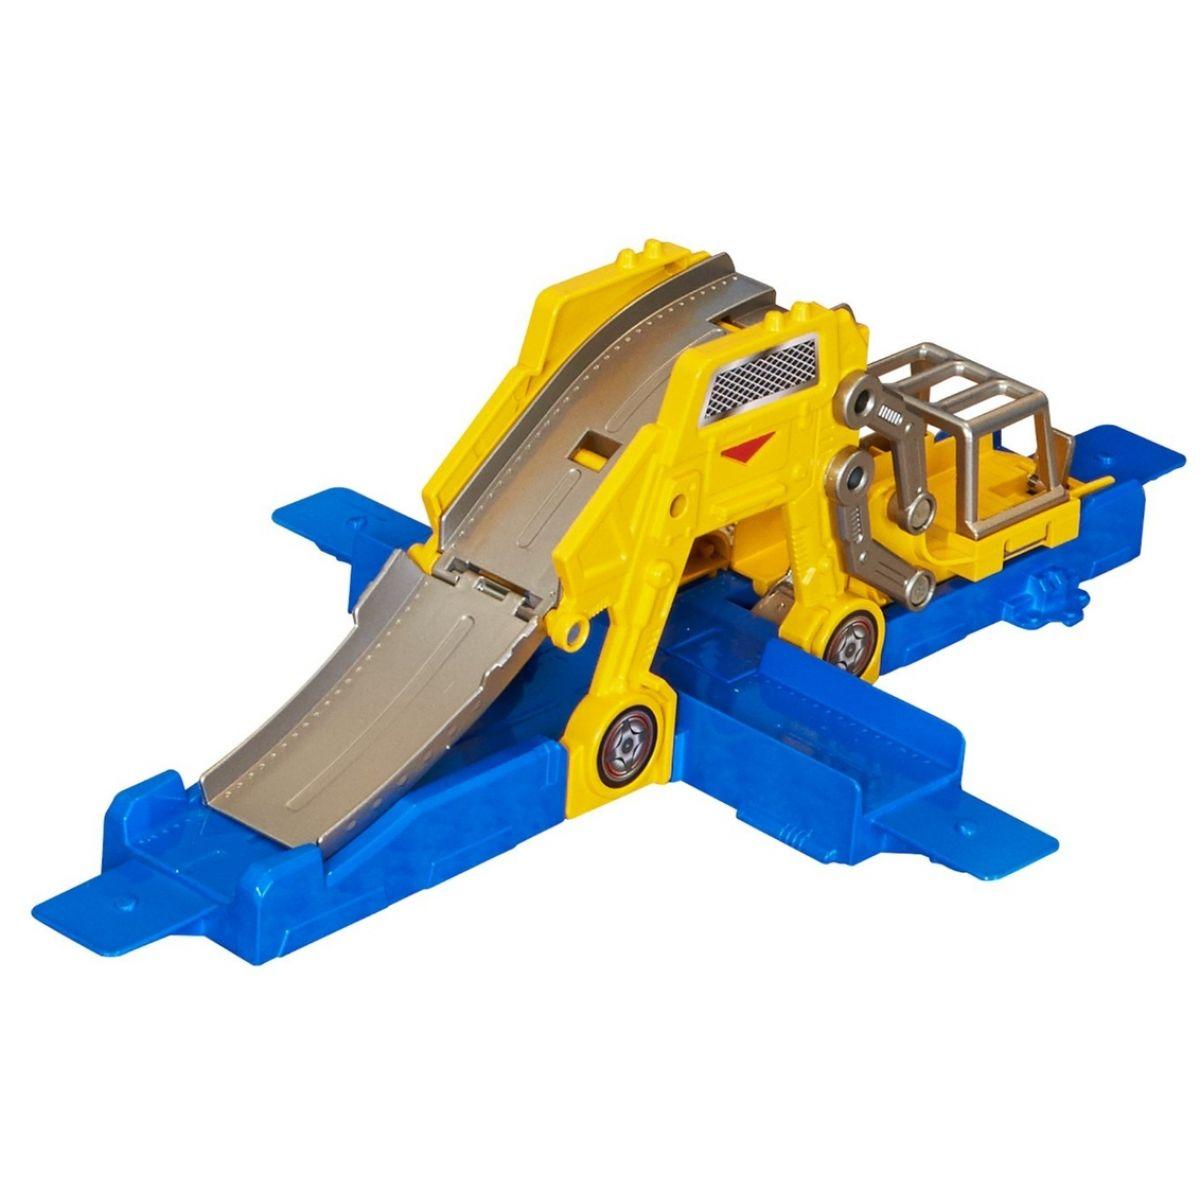 Hot Wheels BGX75 Track Builder střední set - Zvedni a vystartuj